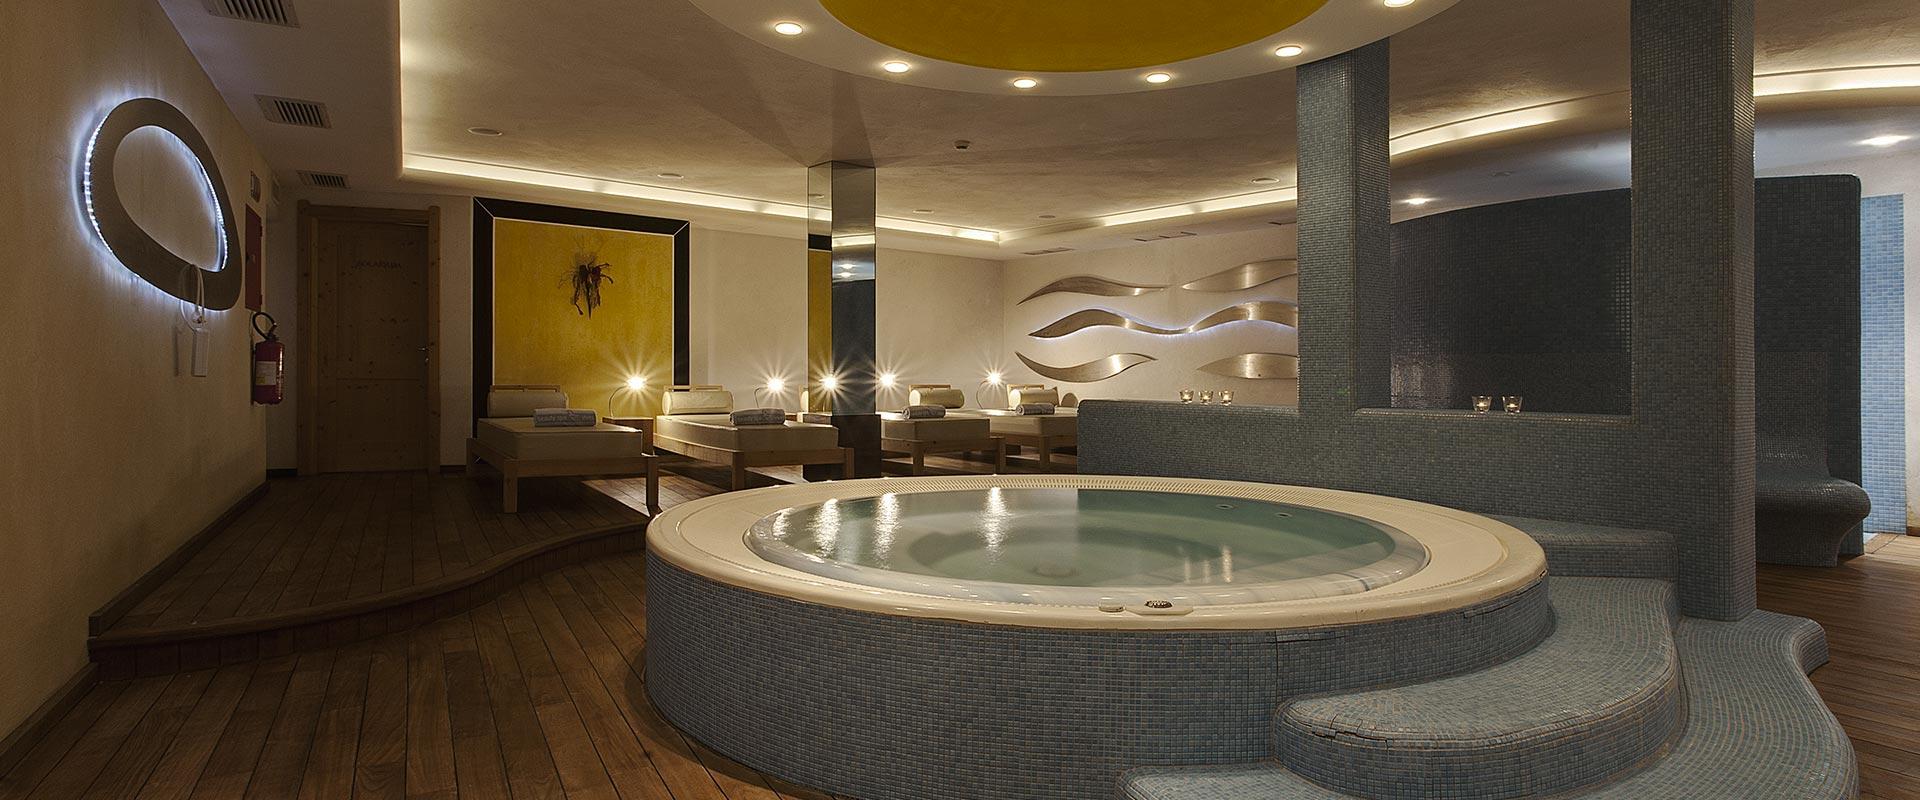 spa-whirlpool-ciasa-salares